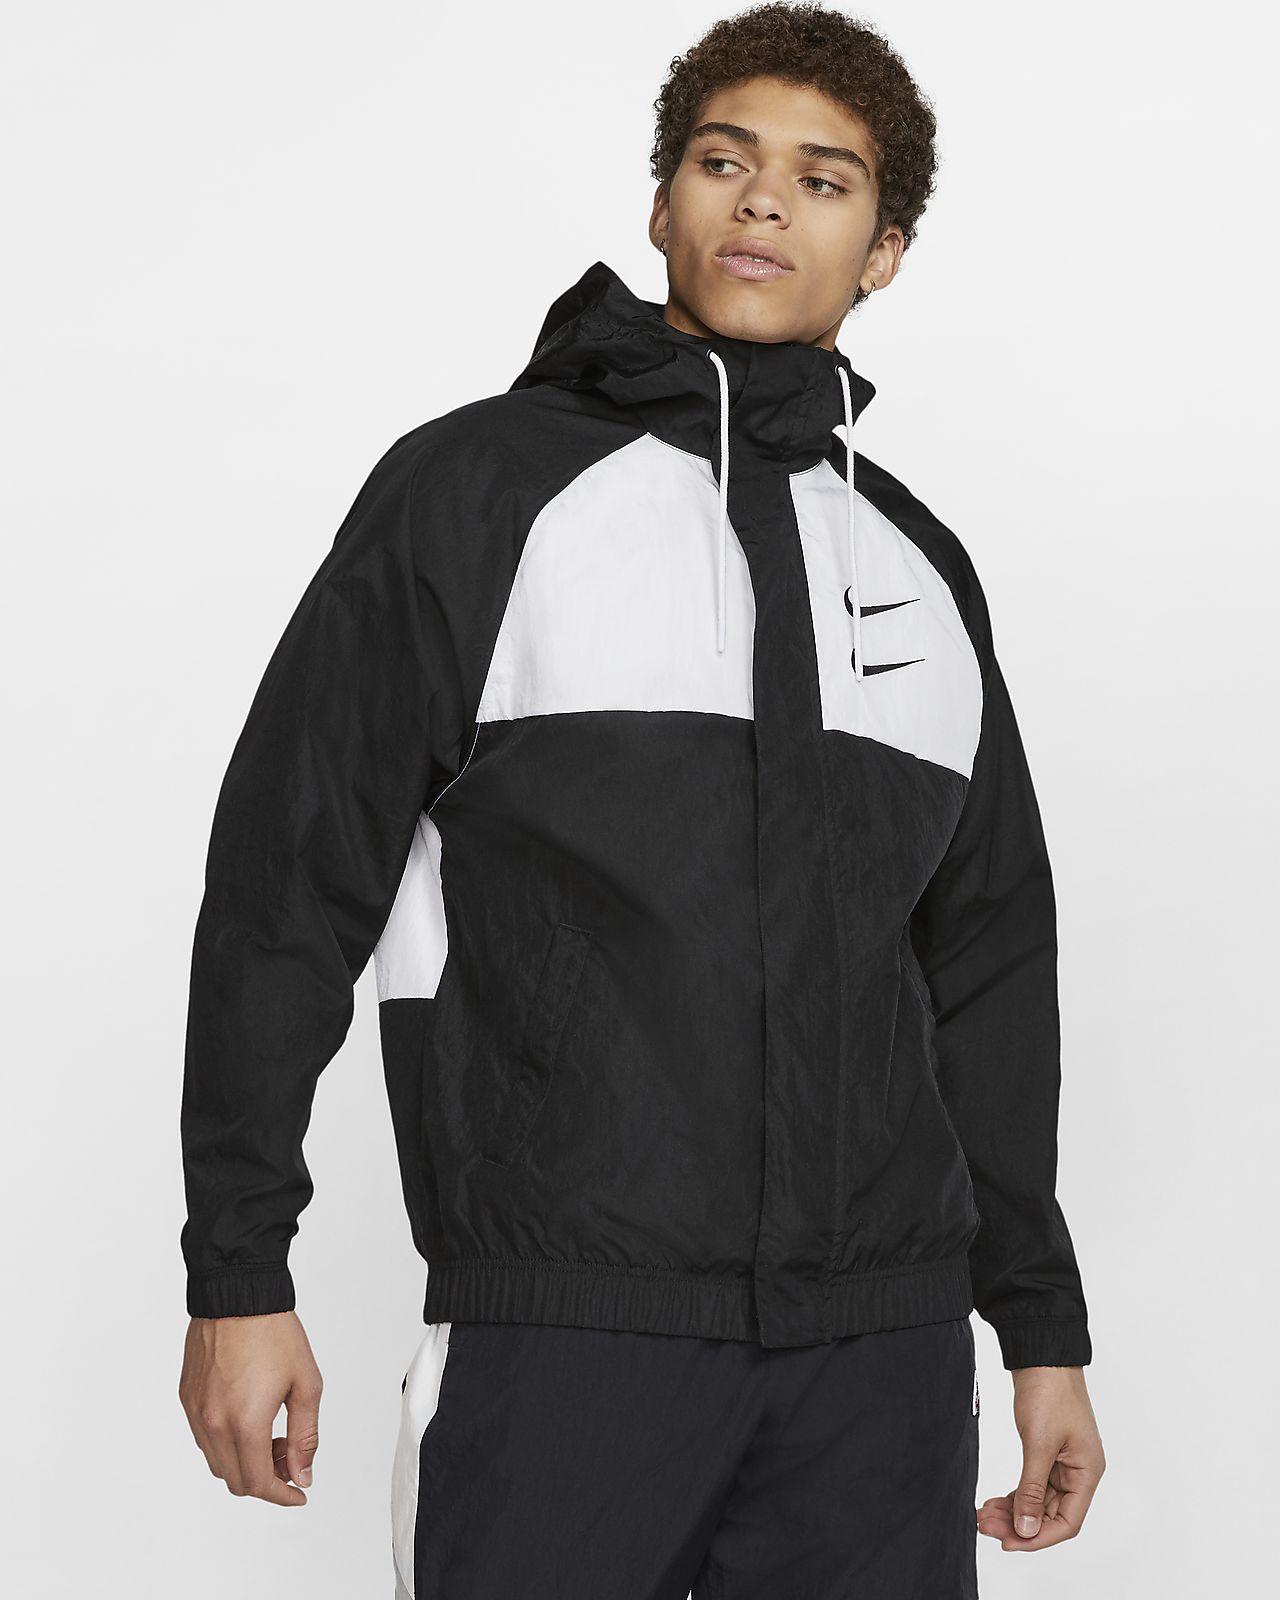 Nike Sportswear Swoosh Men's Woven Hooded Jacket